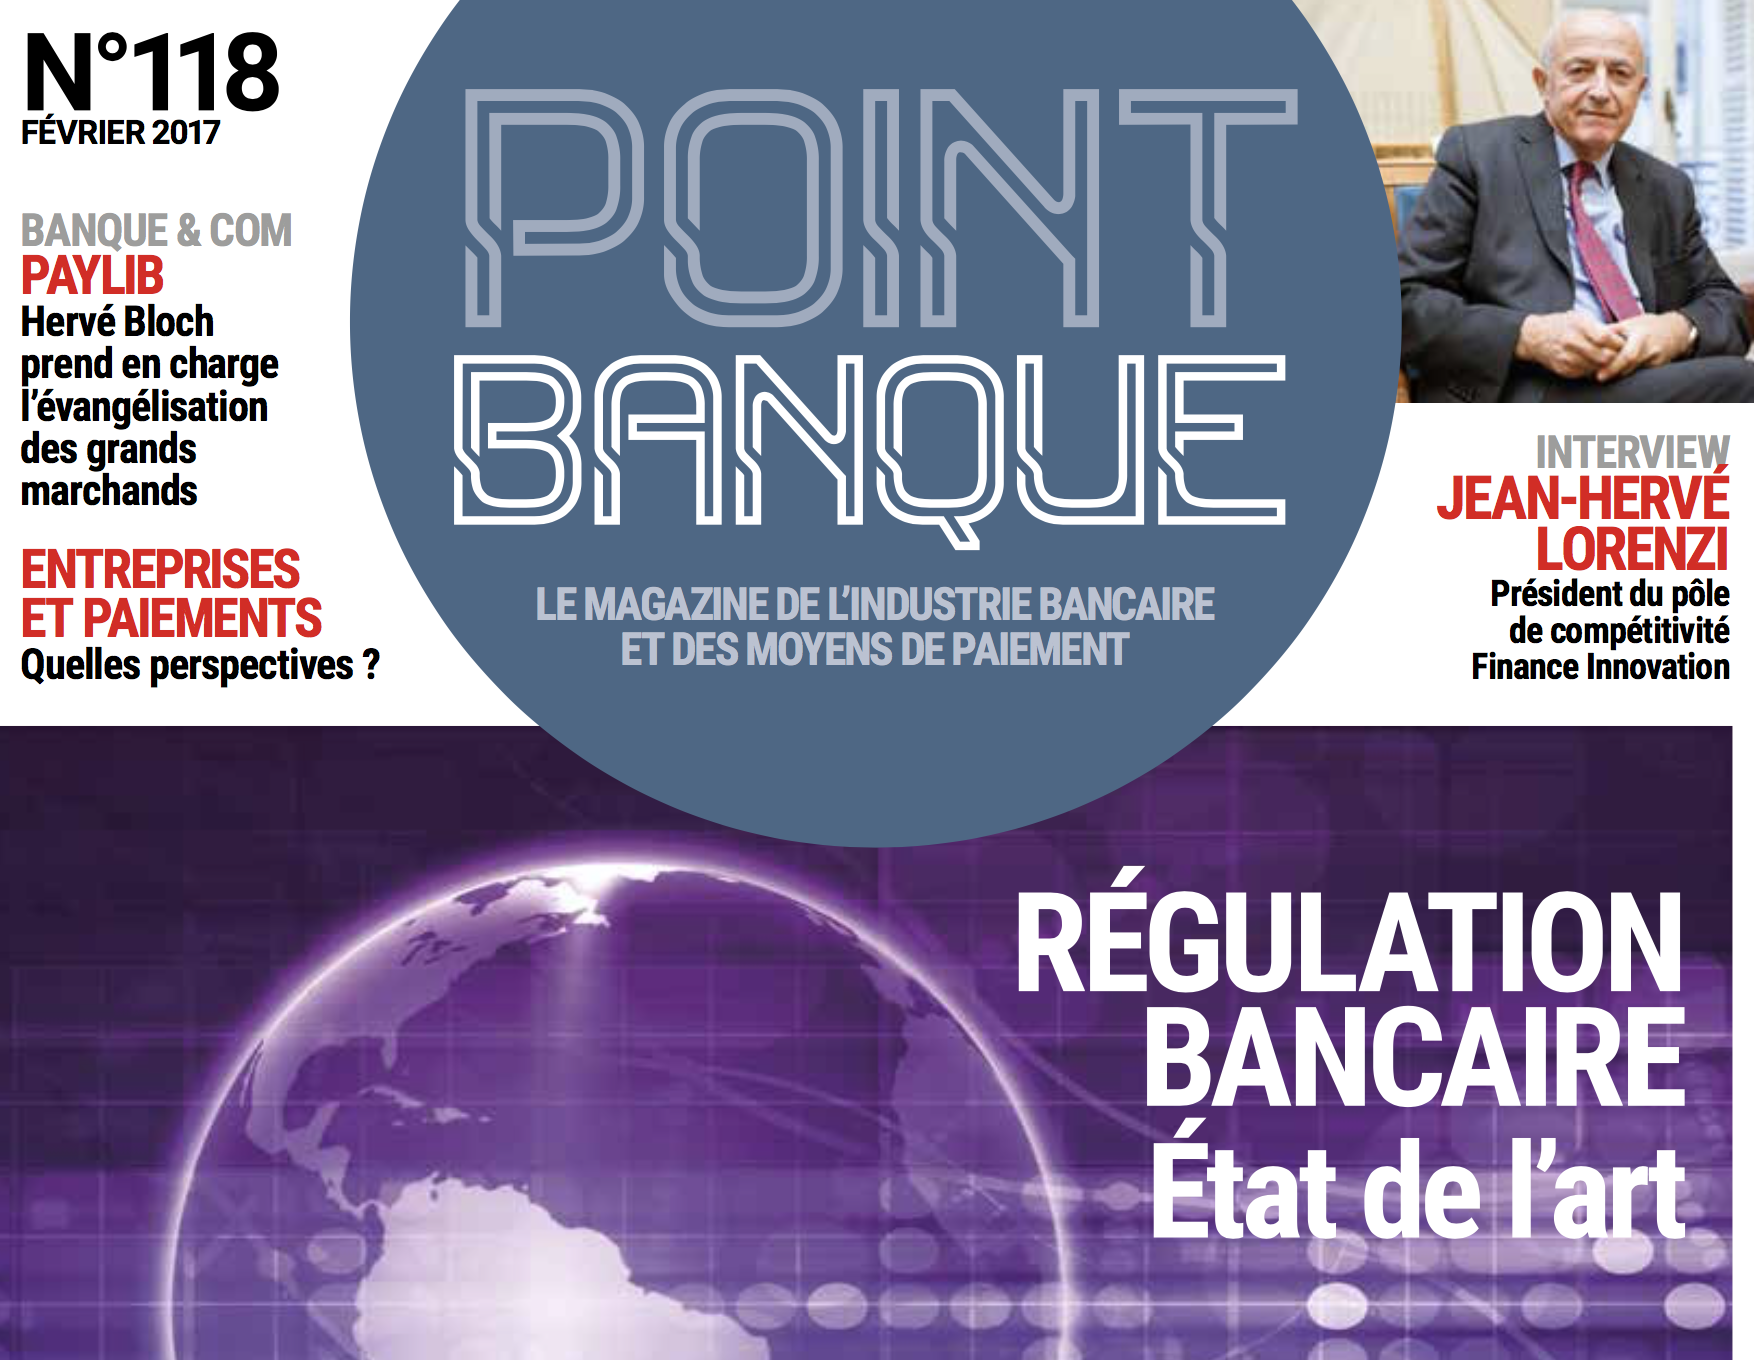 Point Banque - Stratégie de communication : Paylib et Banque Populaire - Février 2017